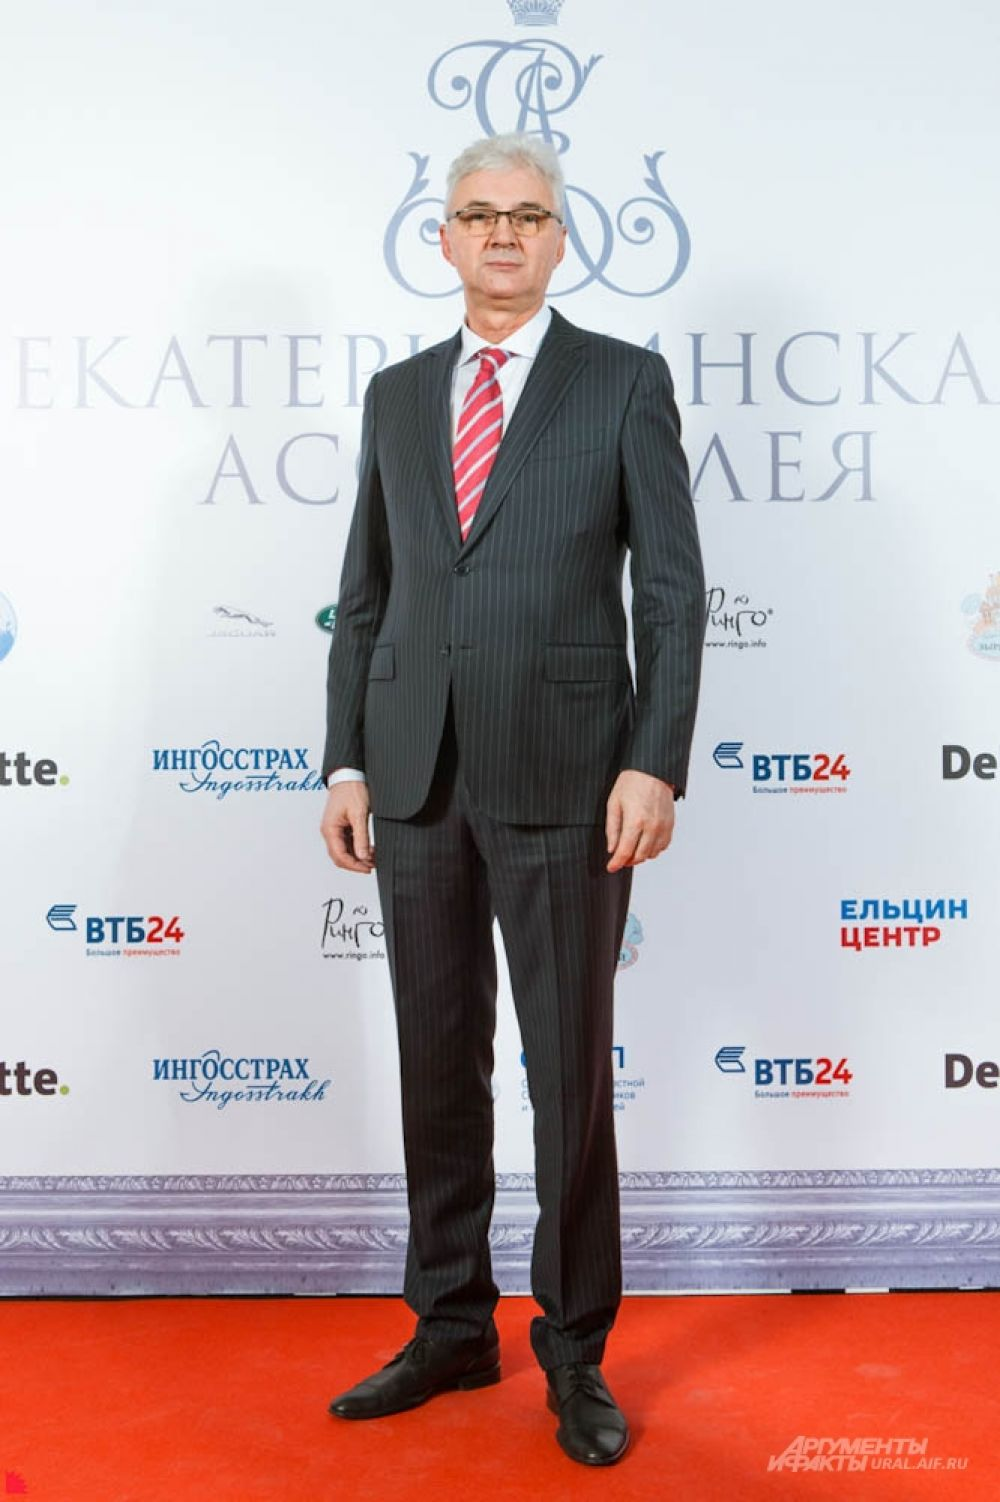 Сити-менеджер Екатеринбурга Александр Якоб